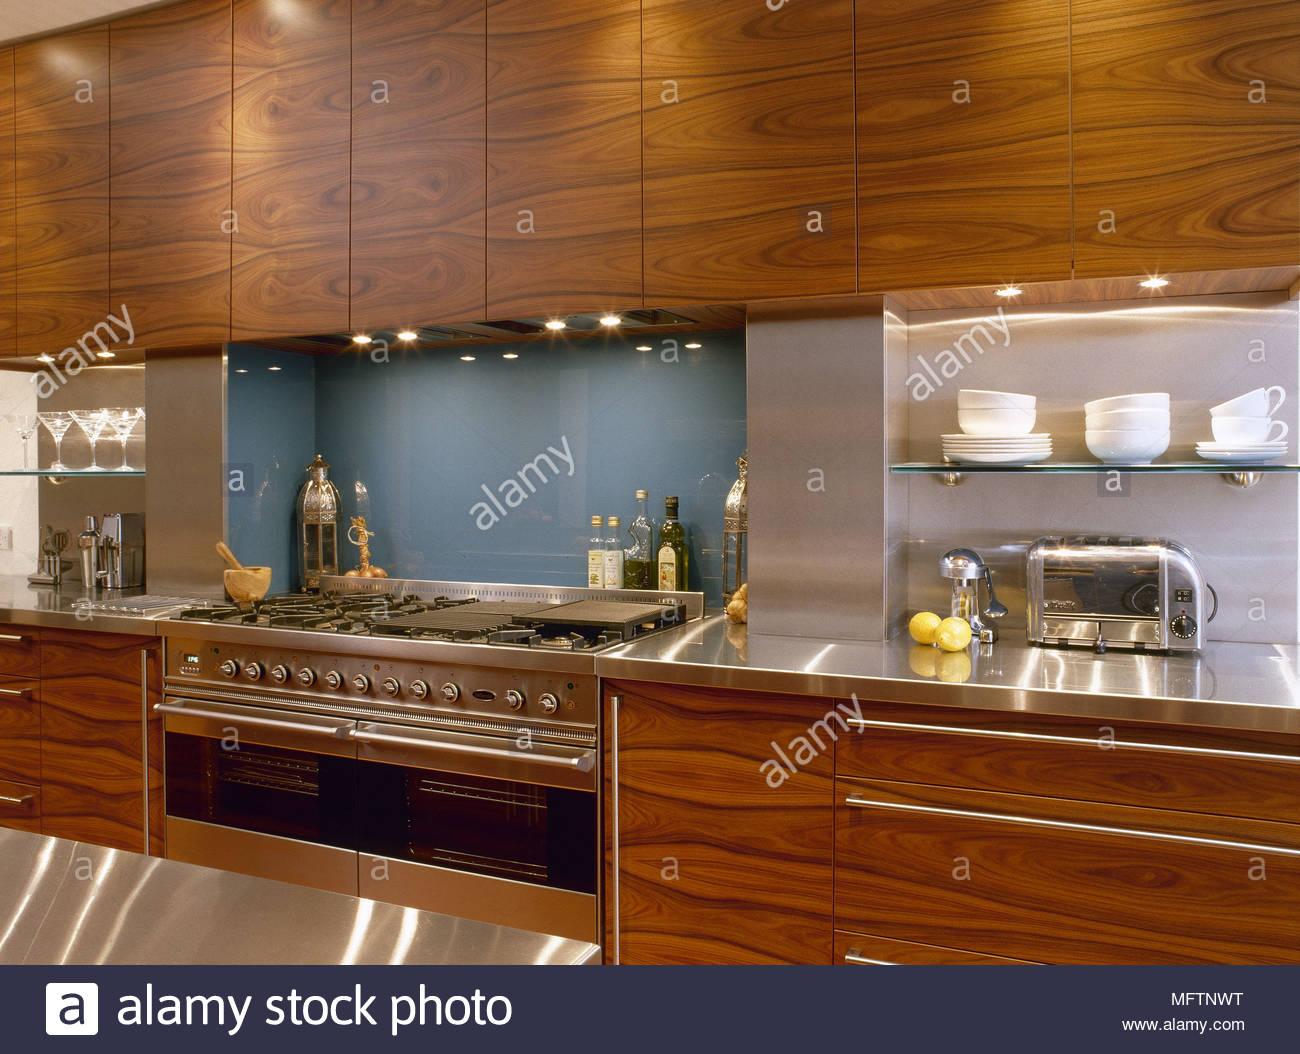 Erfreut Farben Für Küchen Mit Holzschränken Bilder - Ideen Für Die ...